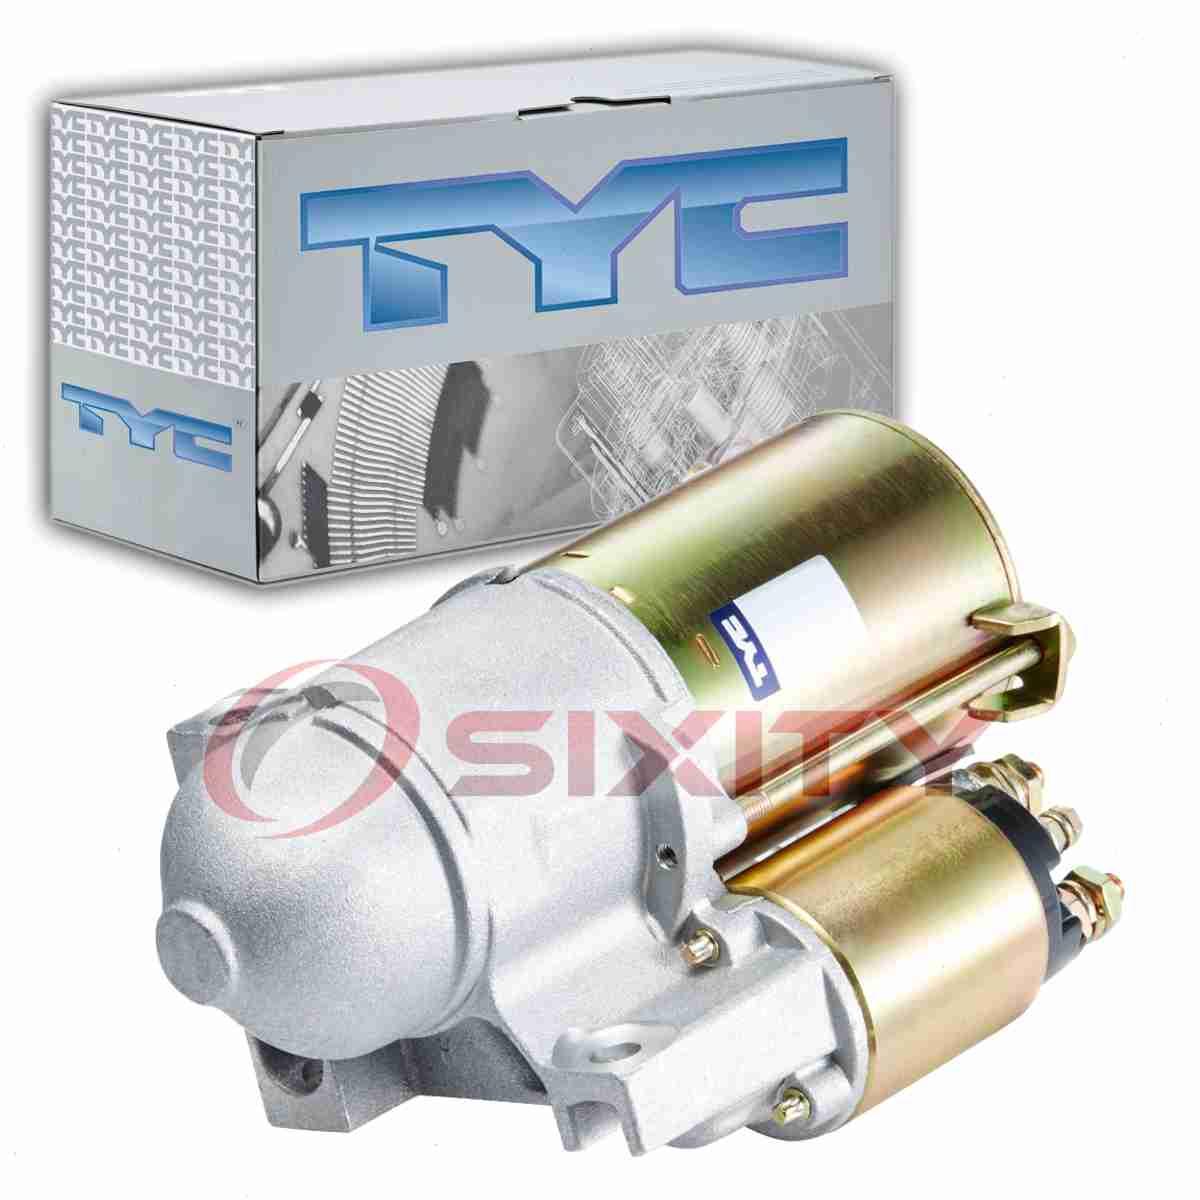 TYC Starter Motor for 1997-2000 Chevrolet Lumina 3.1L V6 ...